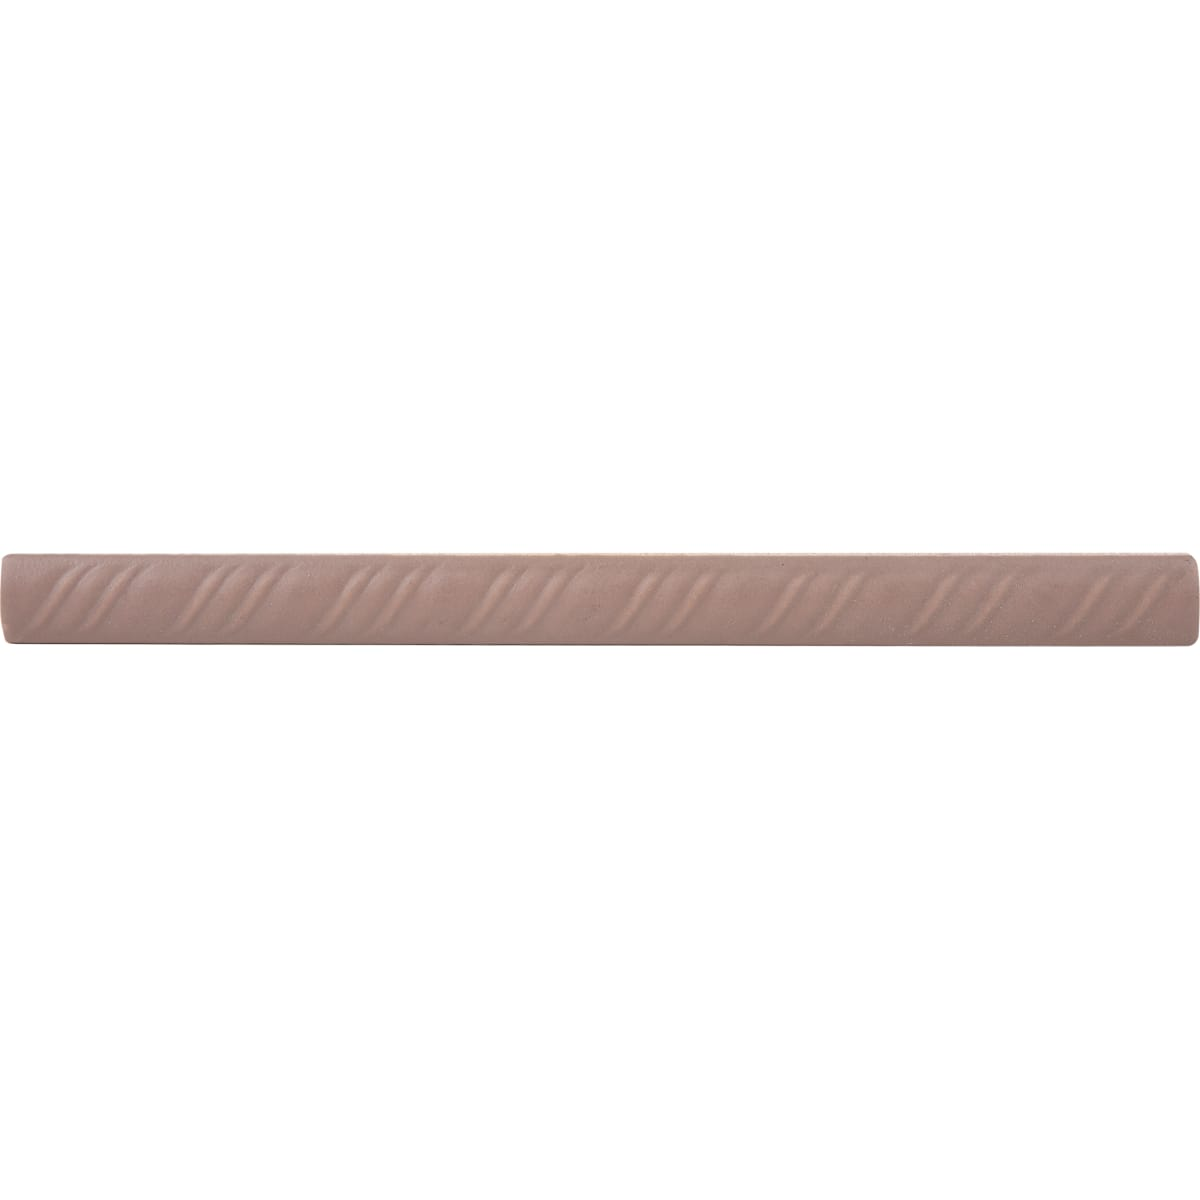 Бордюр «Флориан» 27.5х2 см цвет коричневый